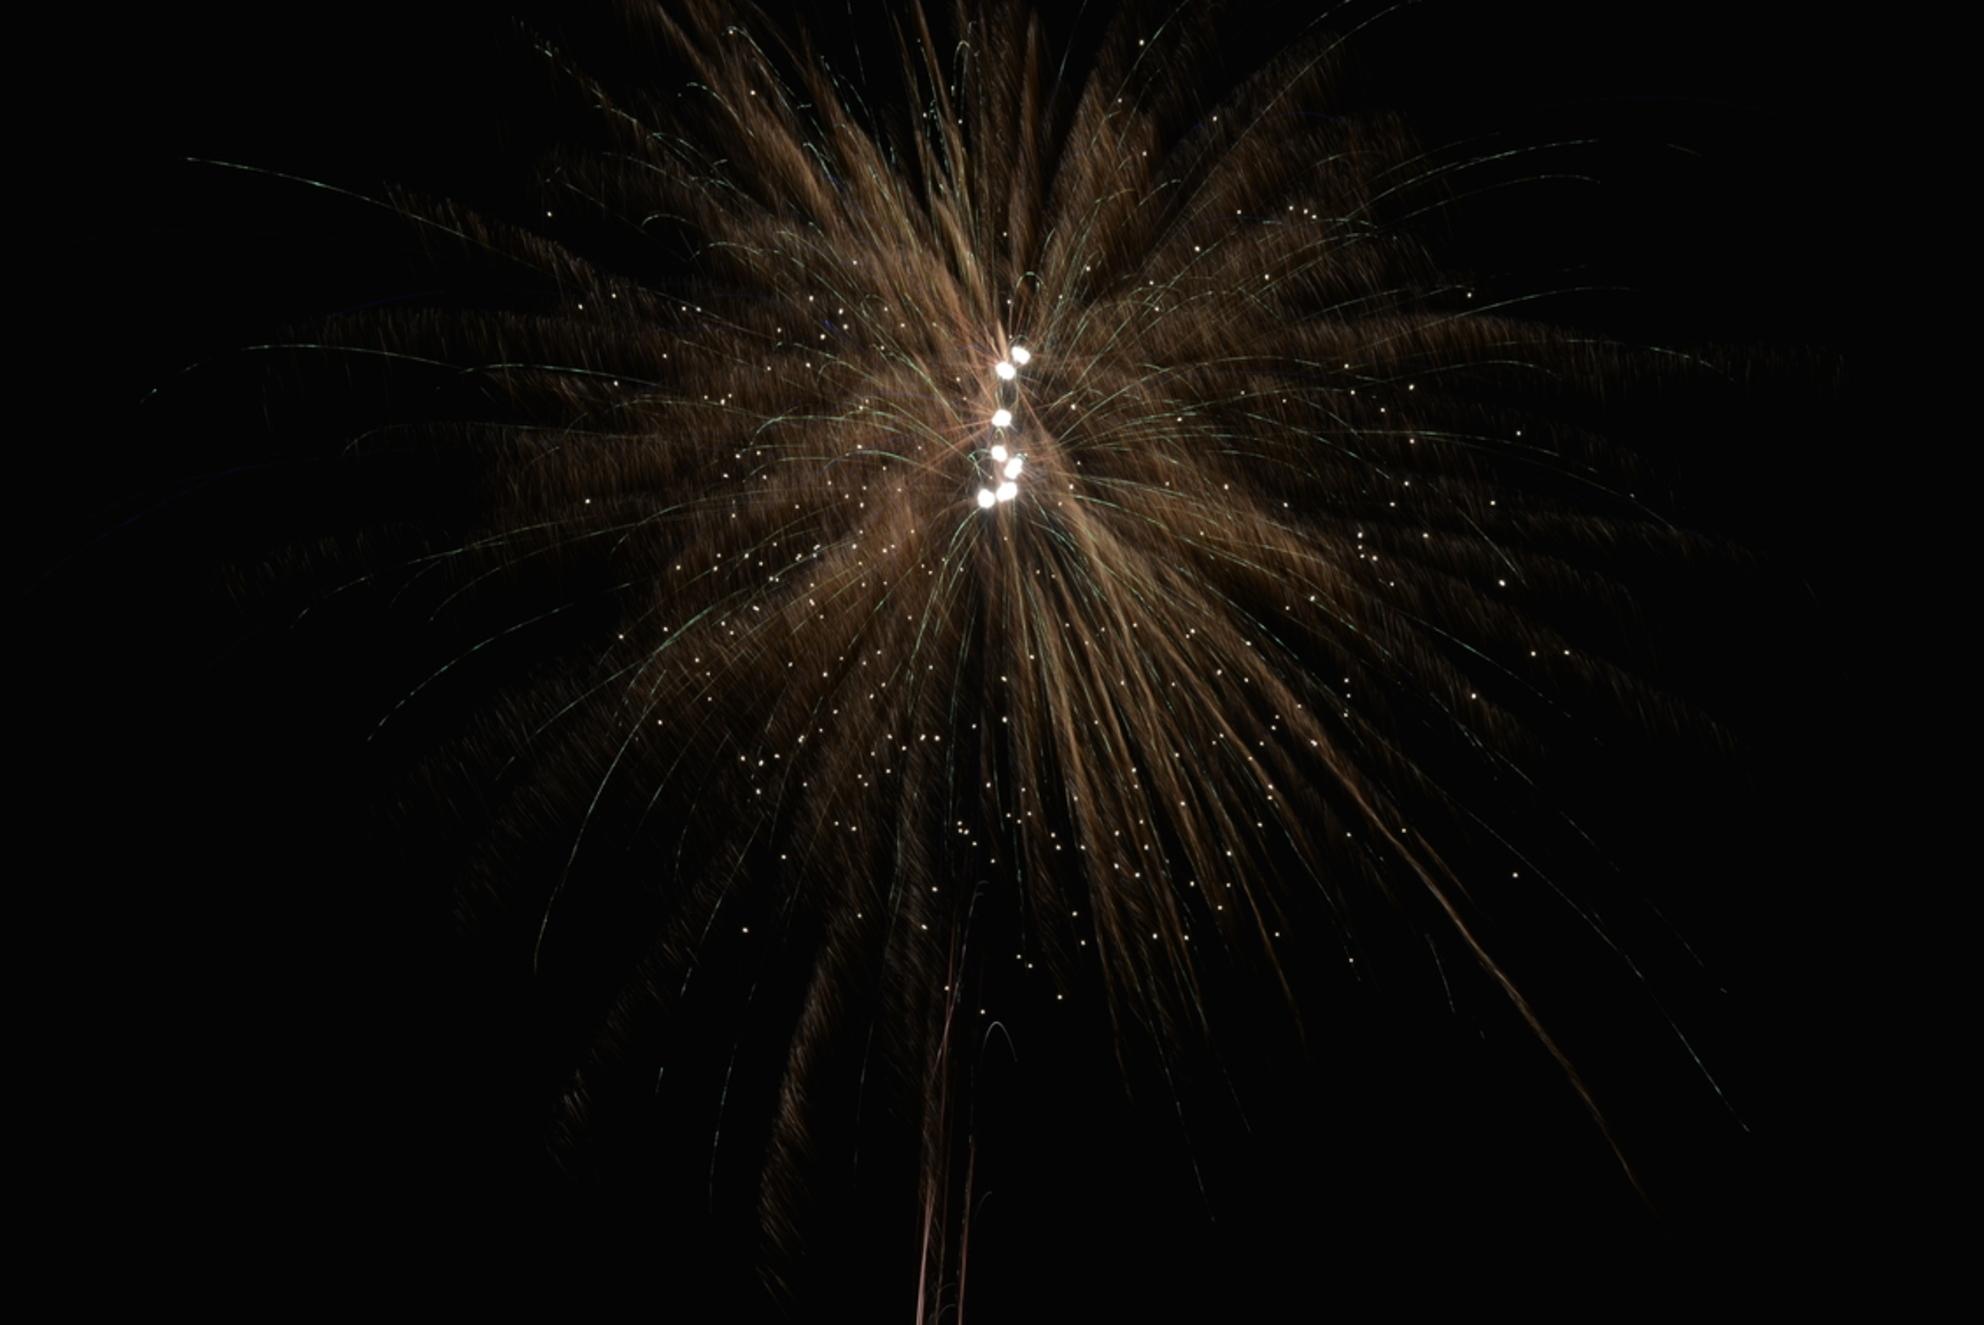 gelukkig nieuwjaar - - - foto door gerrieg1 op 02-01-2016 - deze foto bevat: nieuwjaar, vuurwerk, lange sluitertijd - Deze foto mag gebruikt worden in een Zoom.nl publicatie